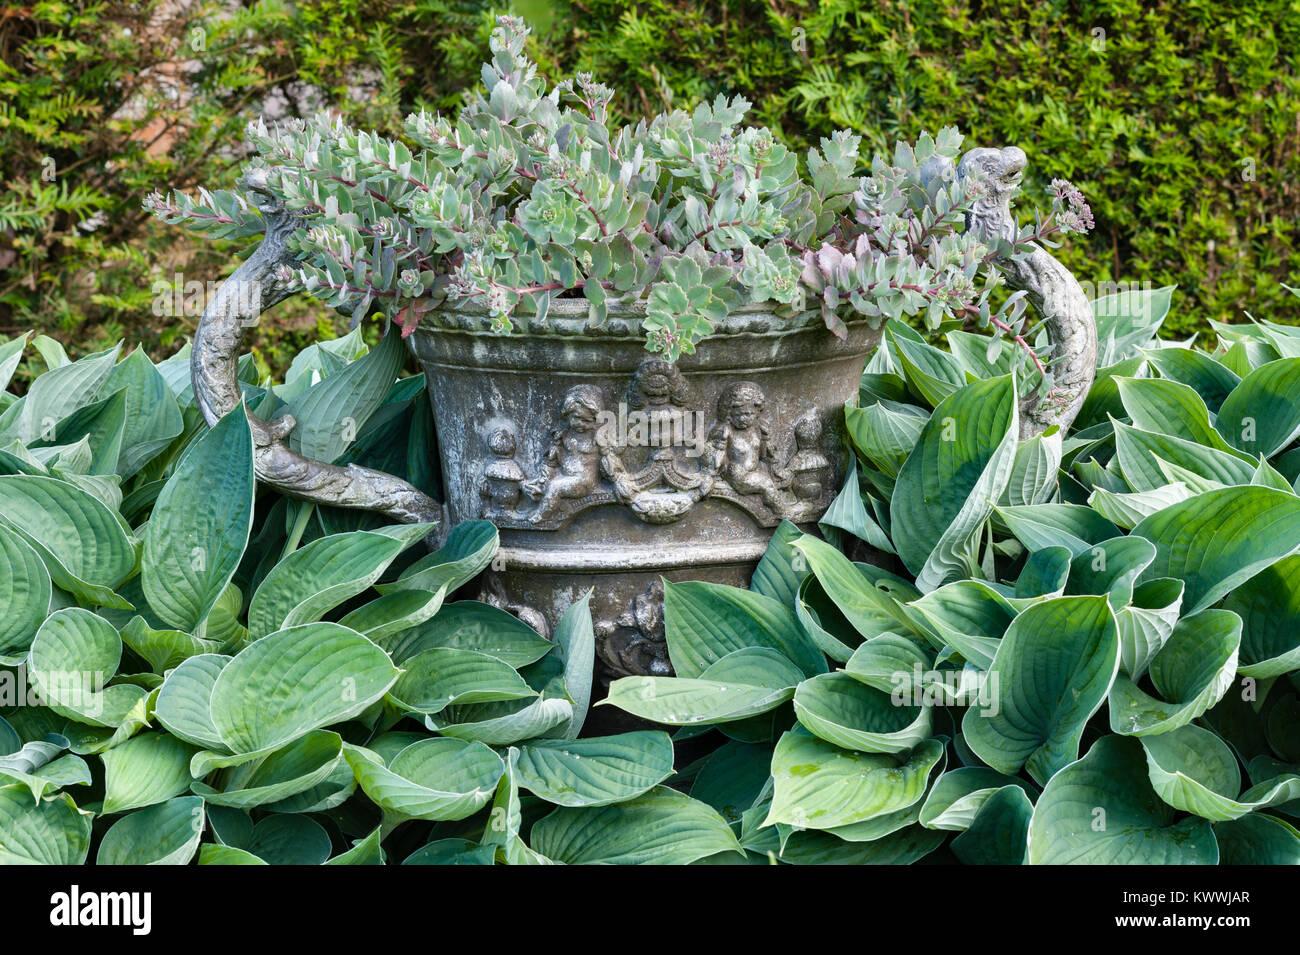 Lanhydrock, Bodmin, Cornwall, Regno Unito. Un vecchio urna di piombo nei giardini, circondata da hosta Immagini Stock